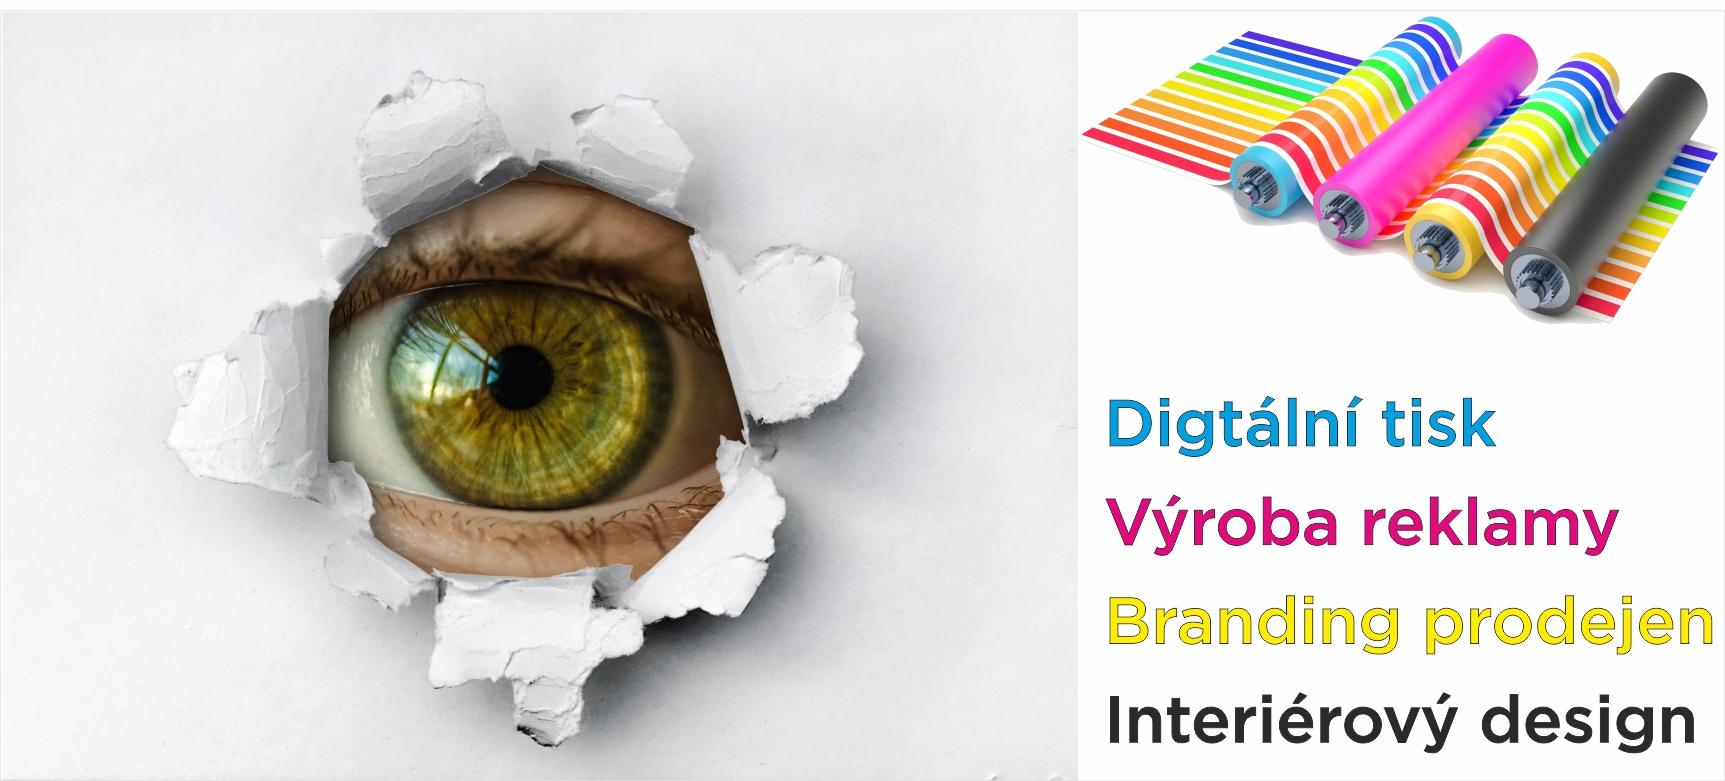 digitální tisk design branding